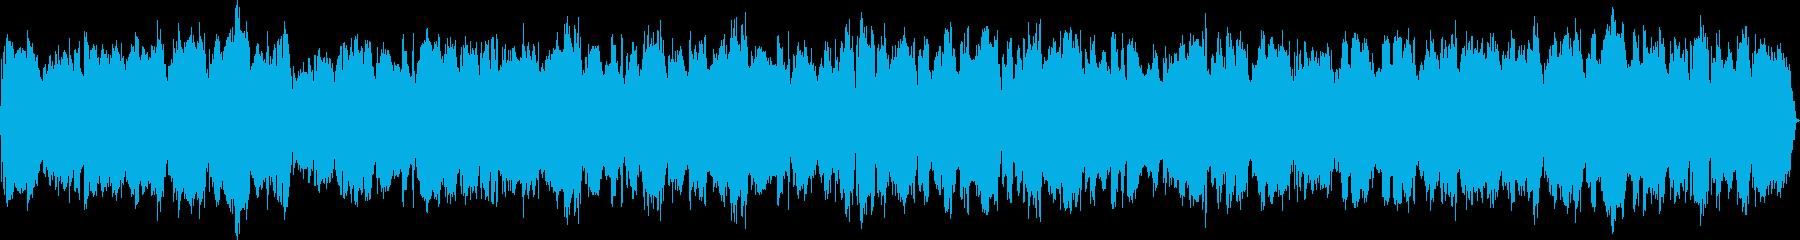 哀愁漂うアコーディオンの再生済みの波形